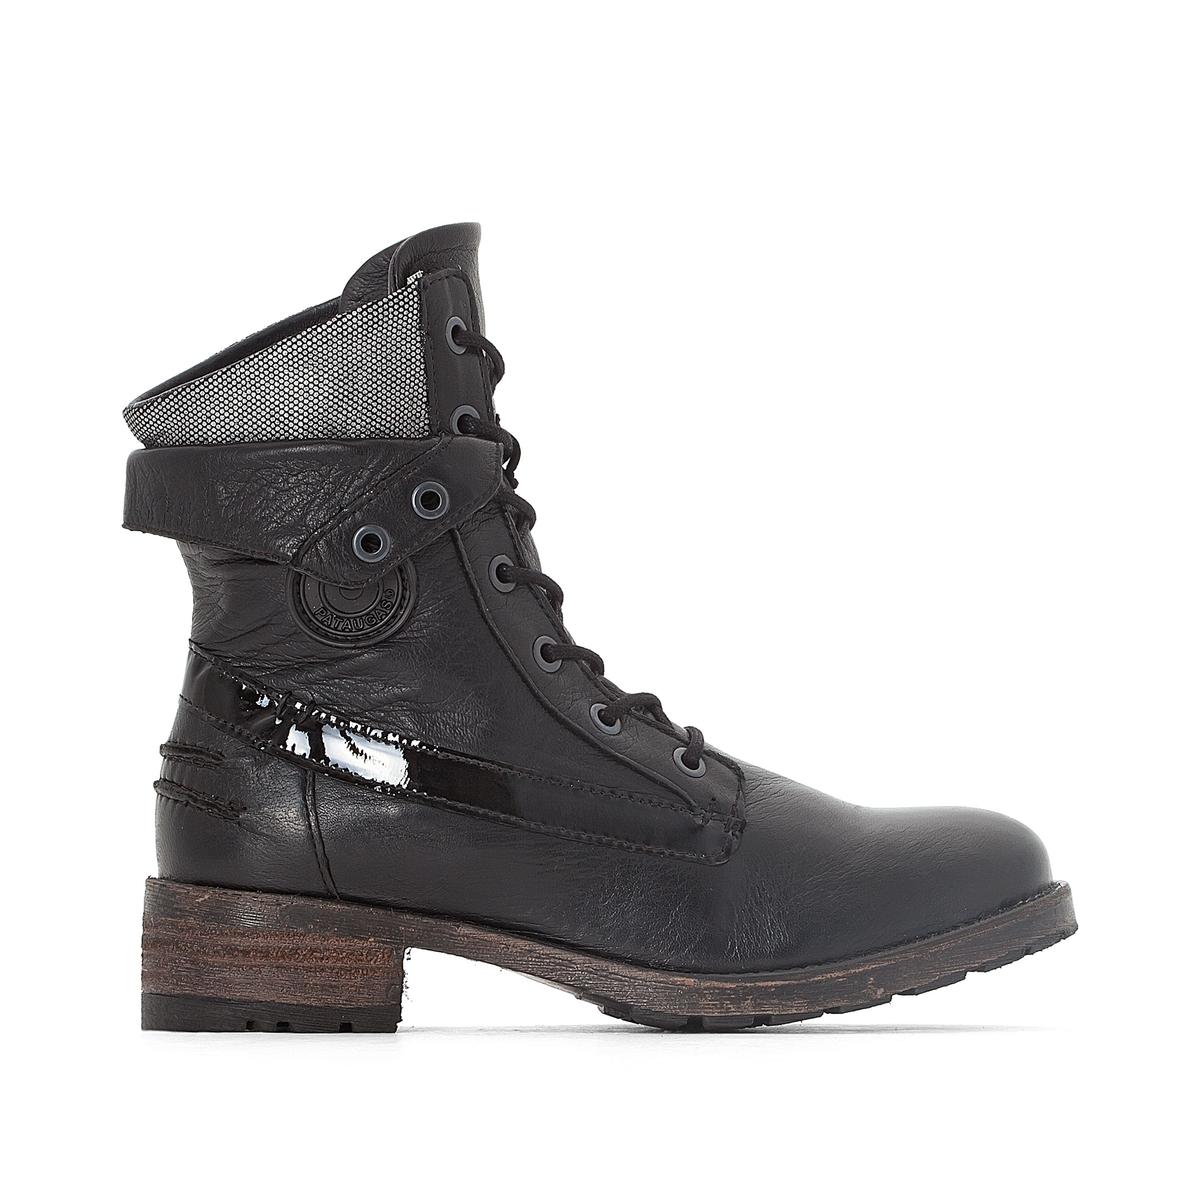 Ботинки кожаные на шнуровке DedayДетали  •  Высота голенища : 15 см для размера 37 •  Высота каблука : 0 см •  Застежка : шнуровка. •  Круглый мысокСостав и уход  •  Верх 100% яловичная кожа •  Подкладка 100% кожа •  Стелька 100% кожа •  Подошва 100% каучук<br><br>Цвет: черный<br>Размер: 41